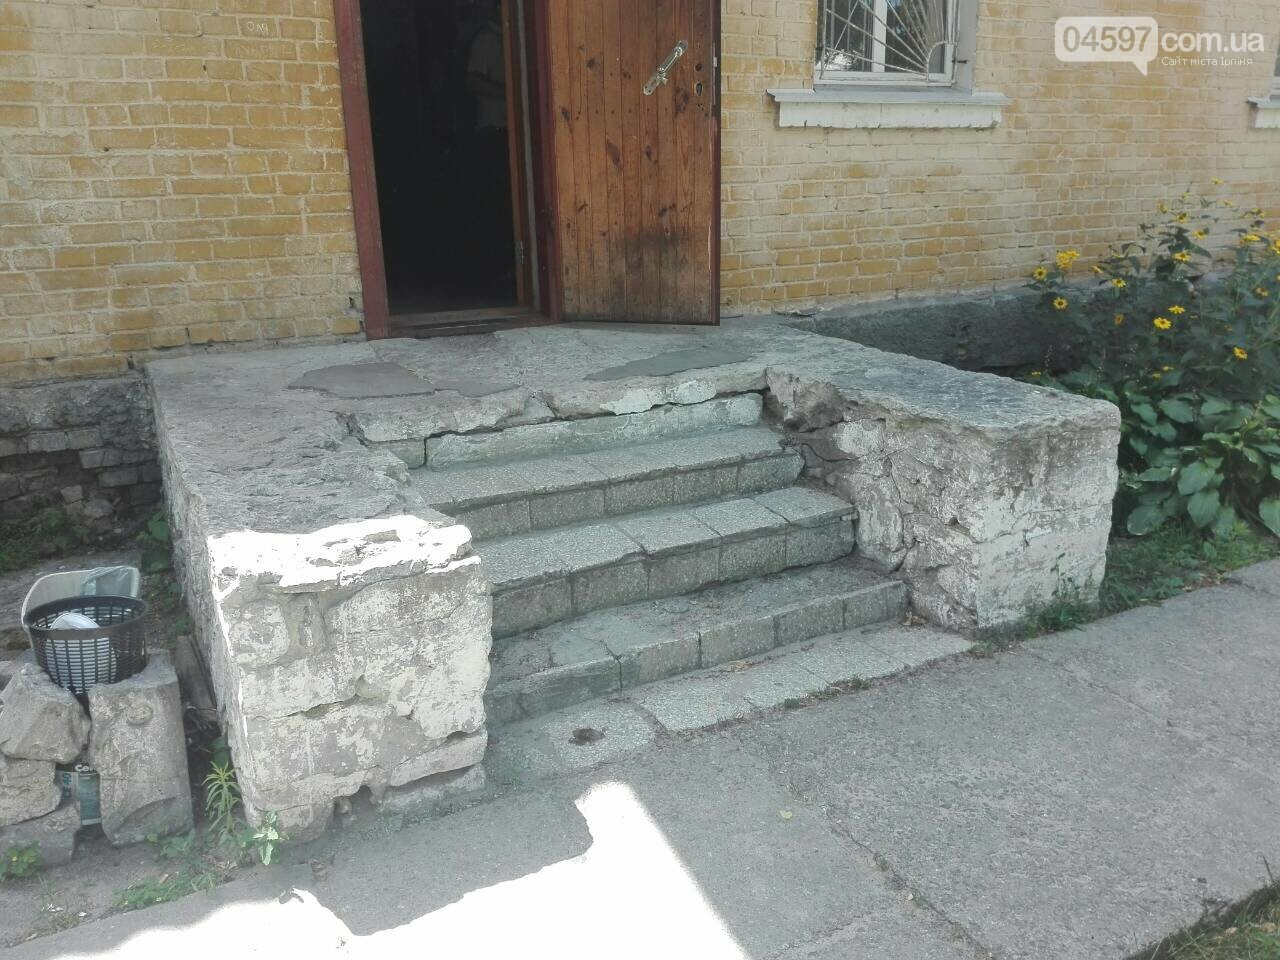 Міський будинок культури ГДК знаходиться в жахливому стані (Фото), фото-13